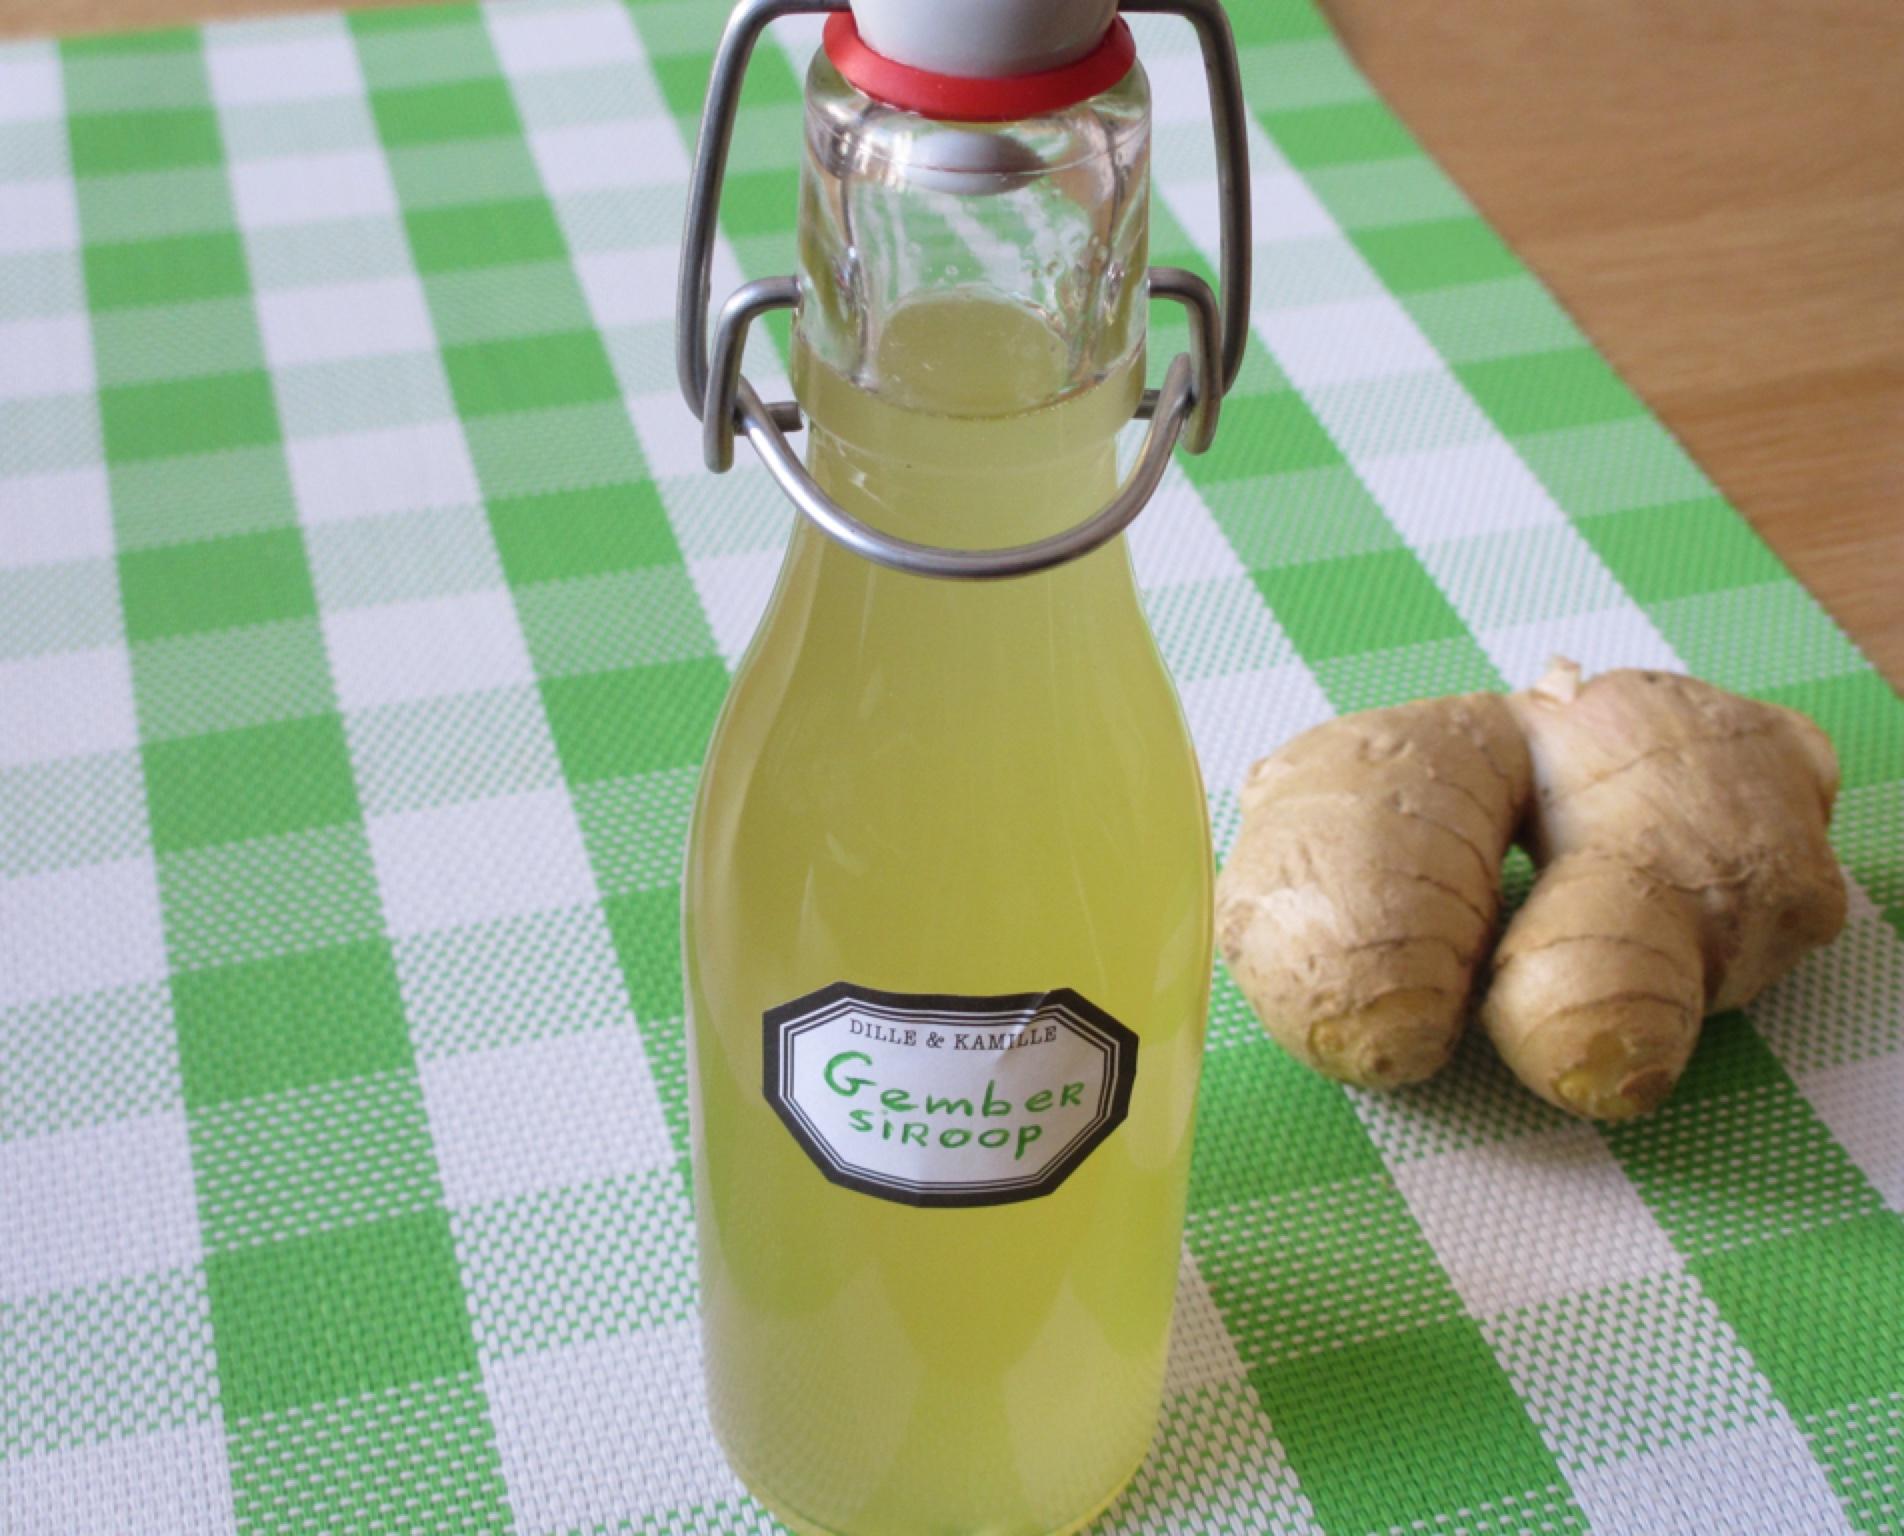 Zelfgemaakte gembersiroop in een flesje met etiket